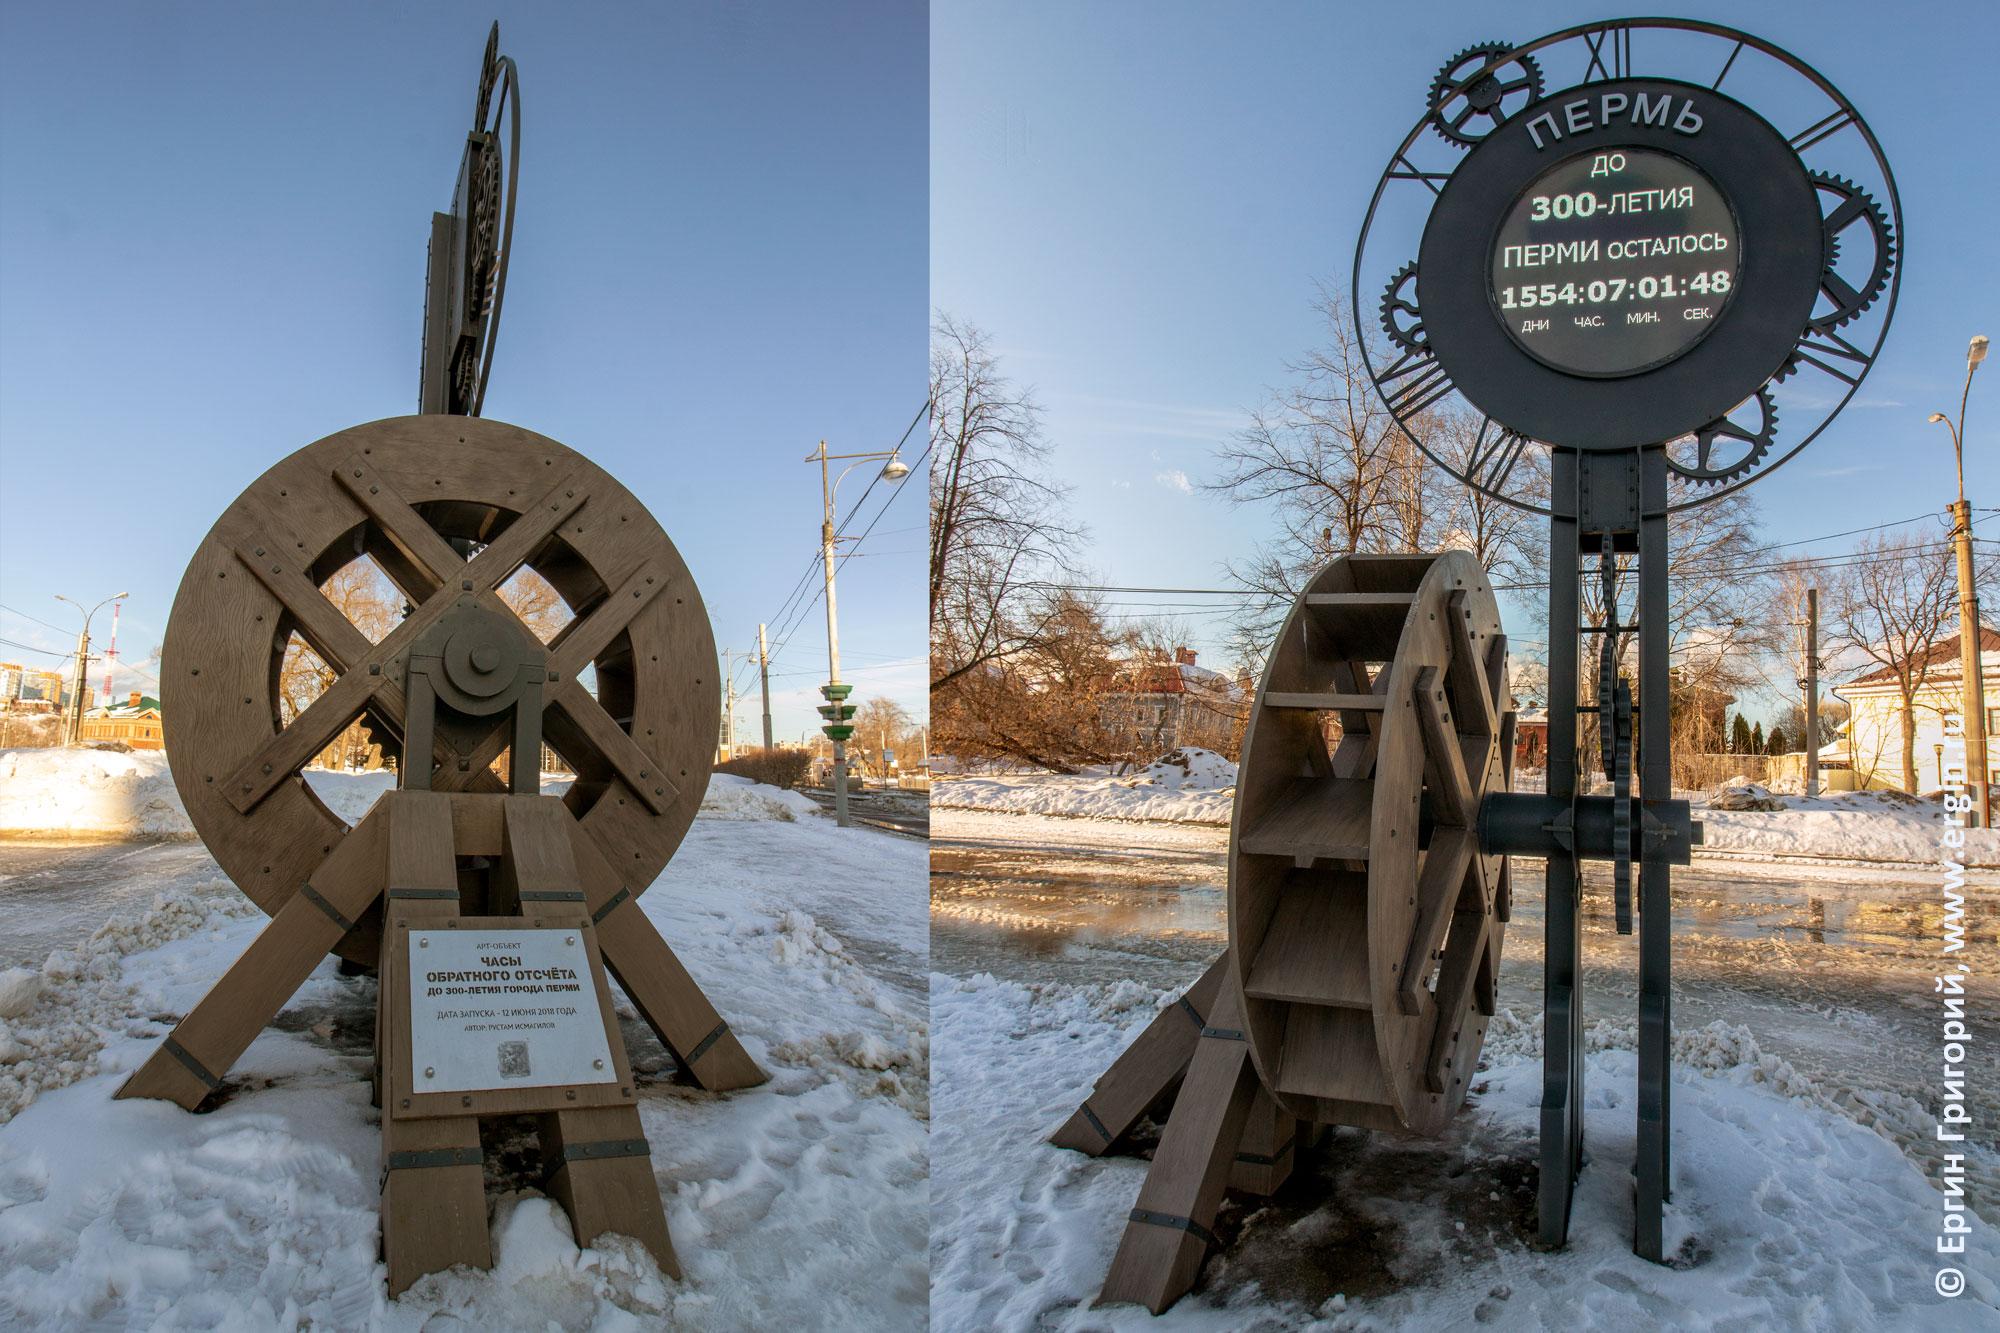 Часы обратного отсчета до 300-летия города Перми